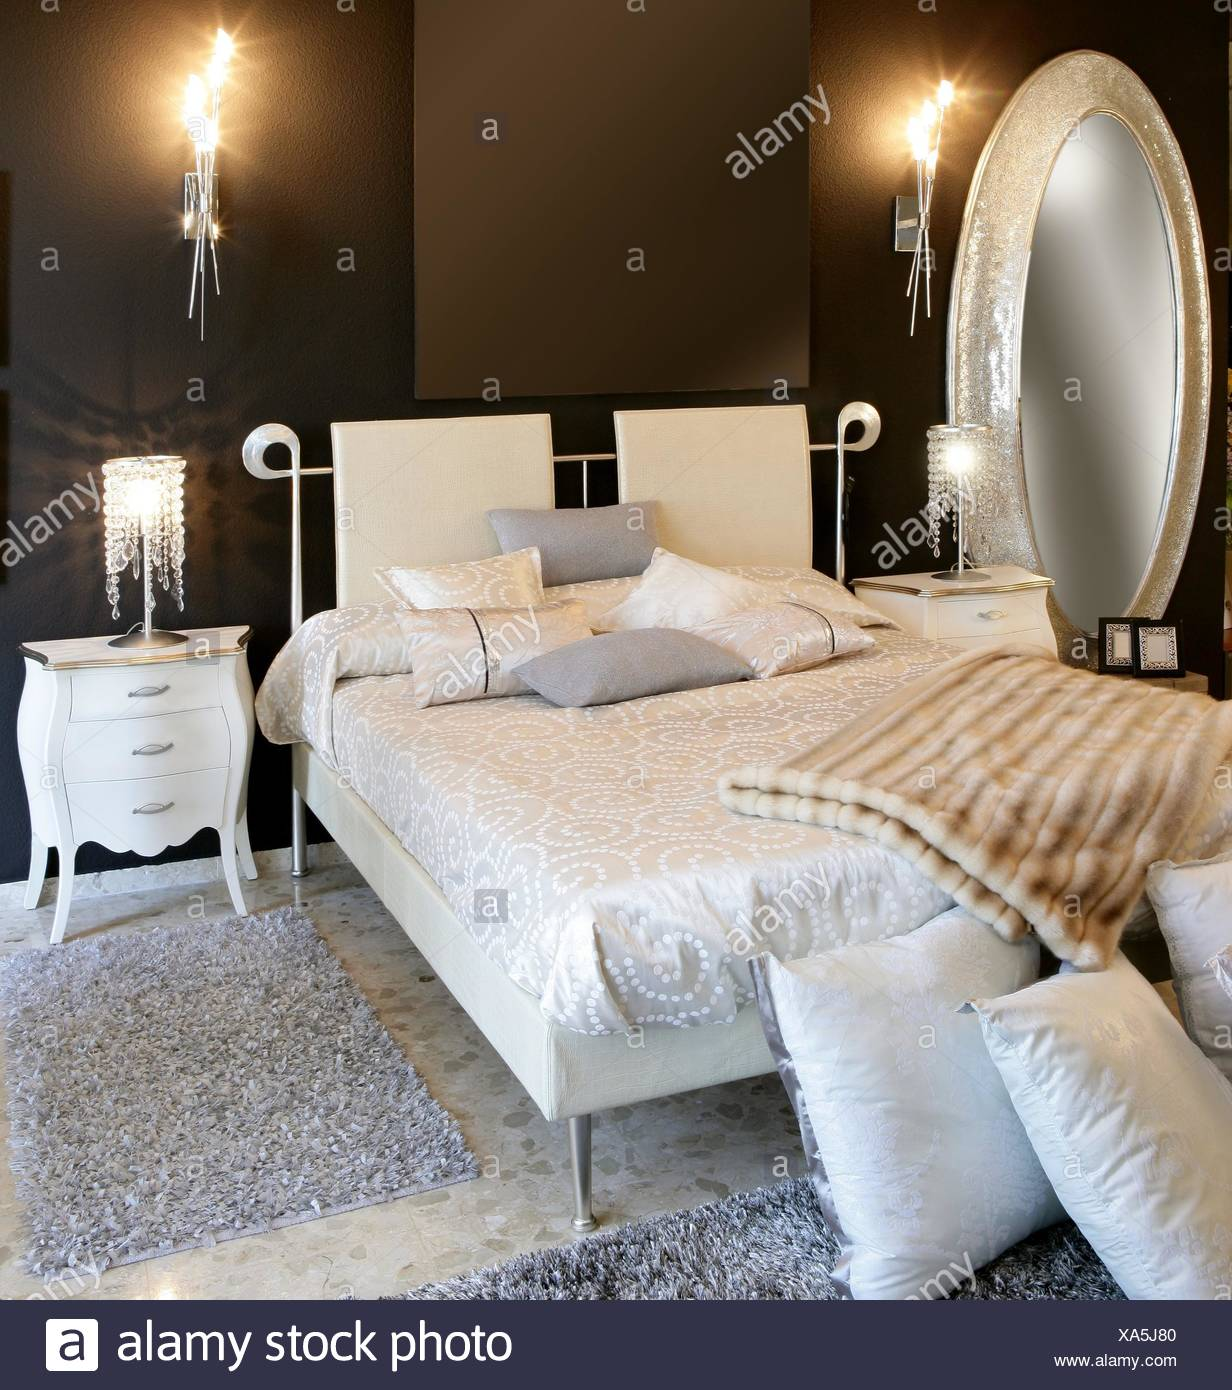 Camere da letto moderno argento specchio ovale letto bianco muro ...